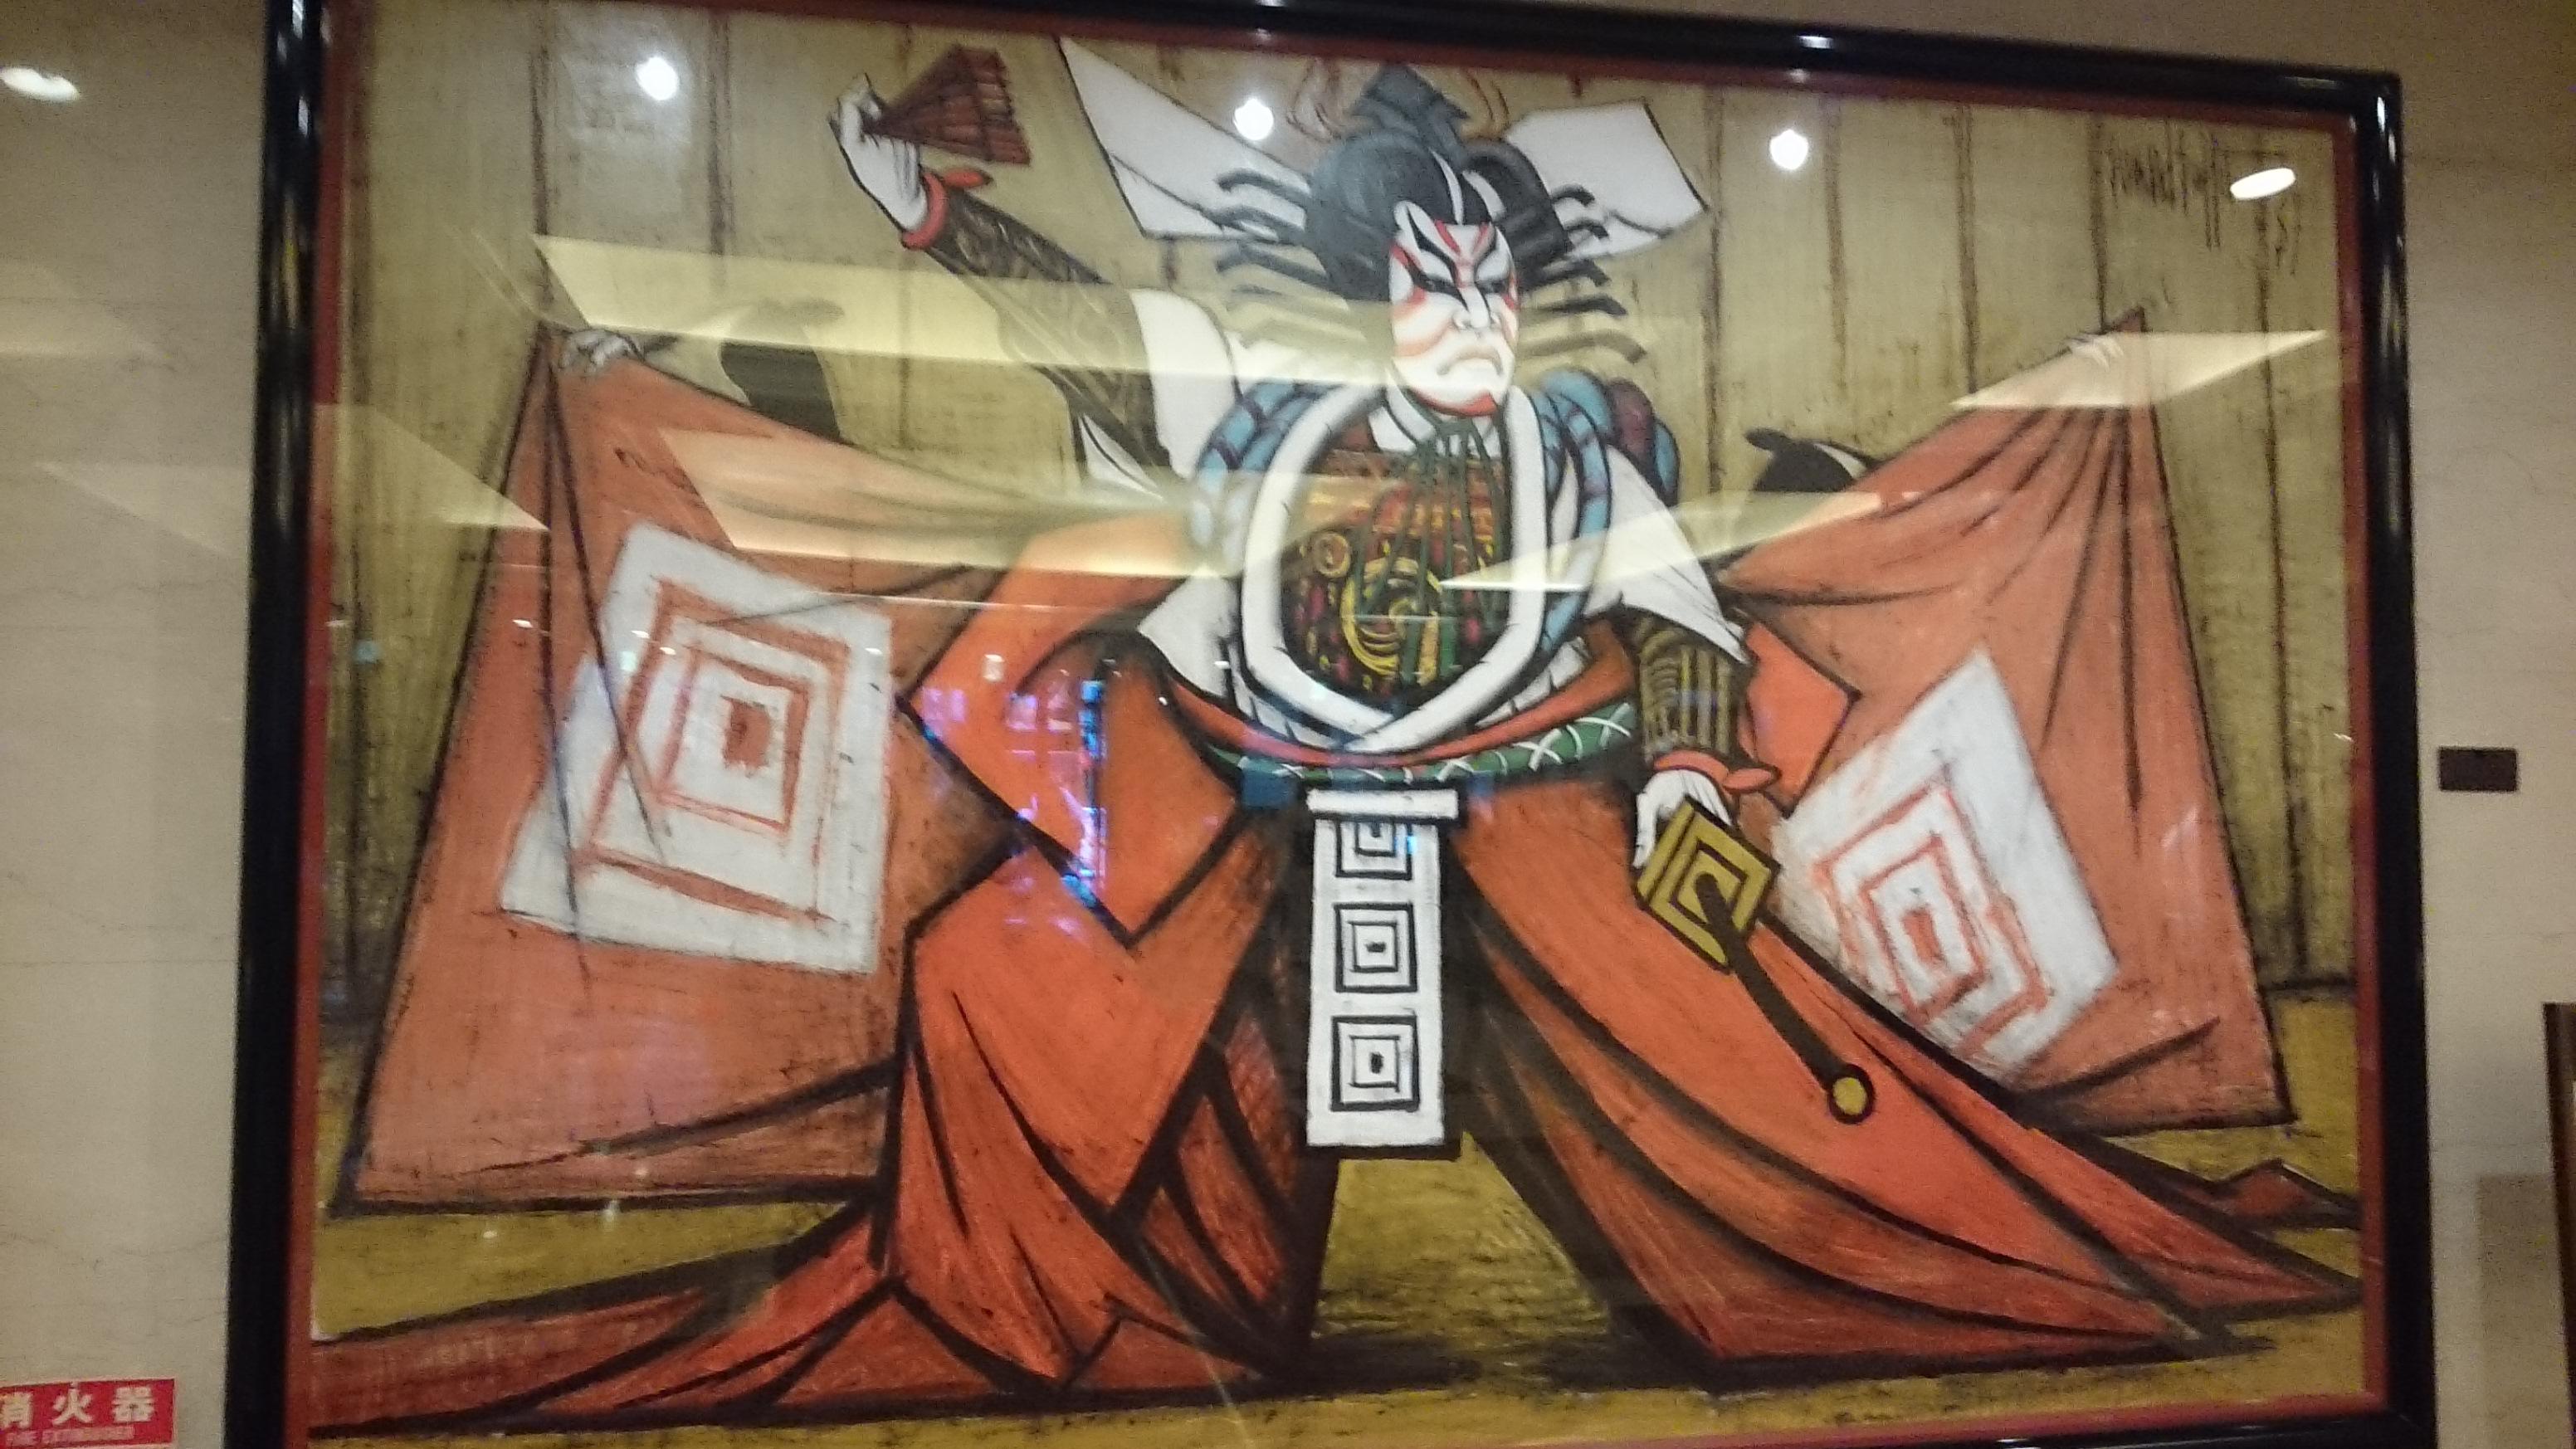 正面の飾り/歌舞伎の衣装